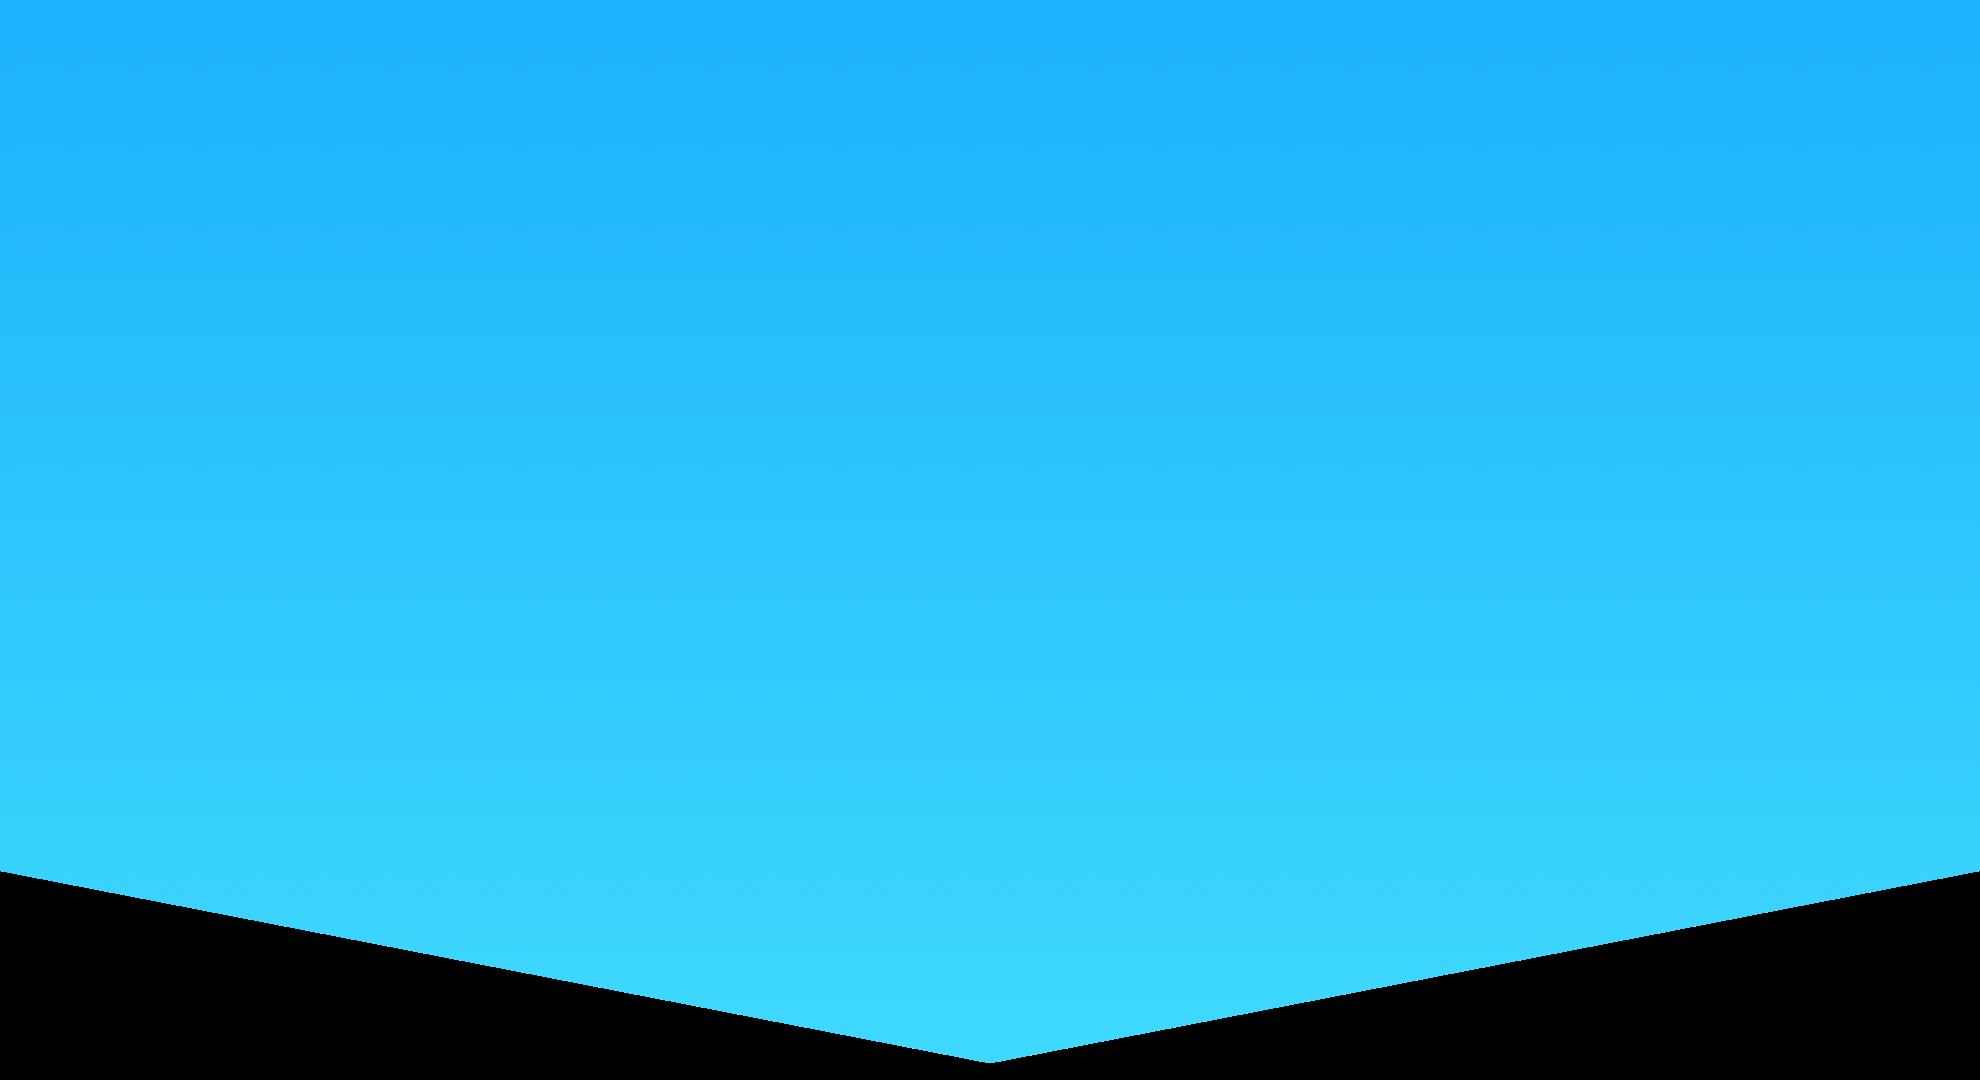 bg-shape-chevron